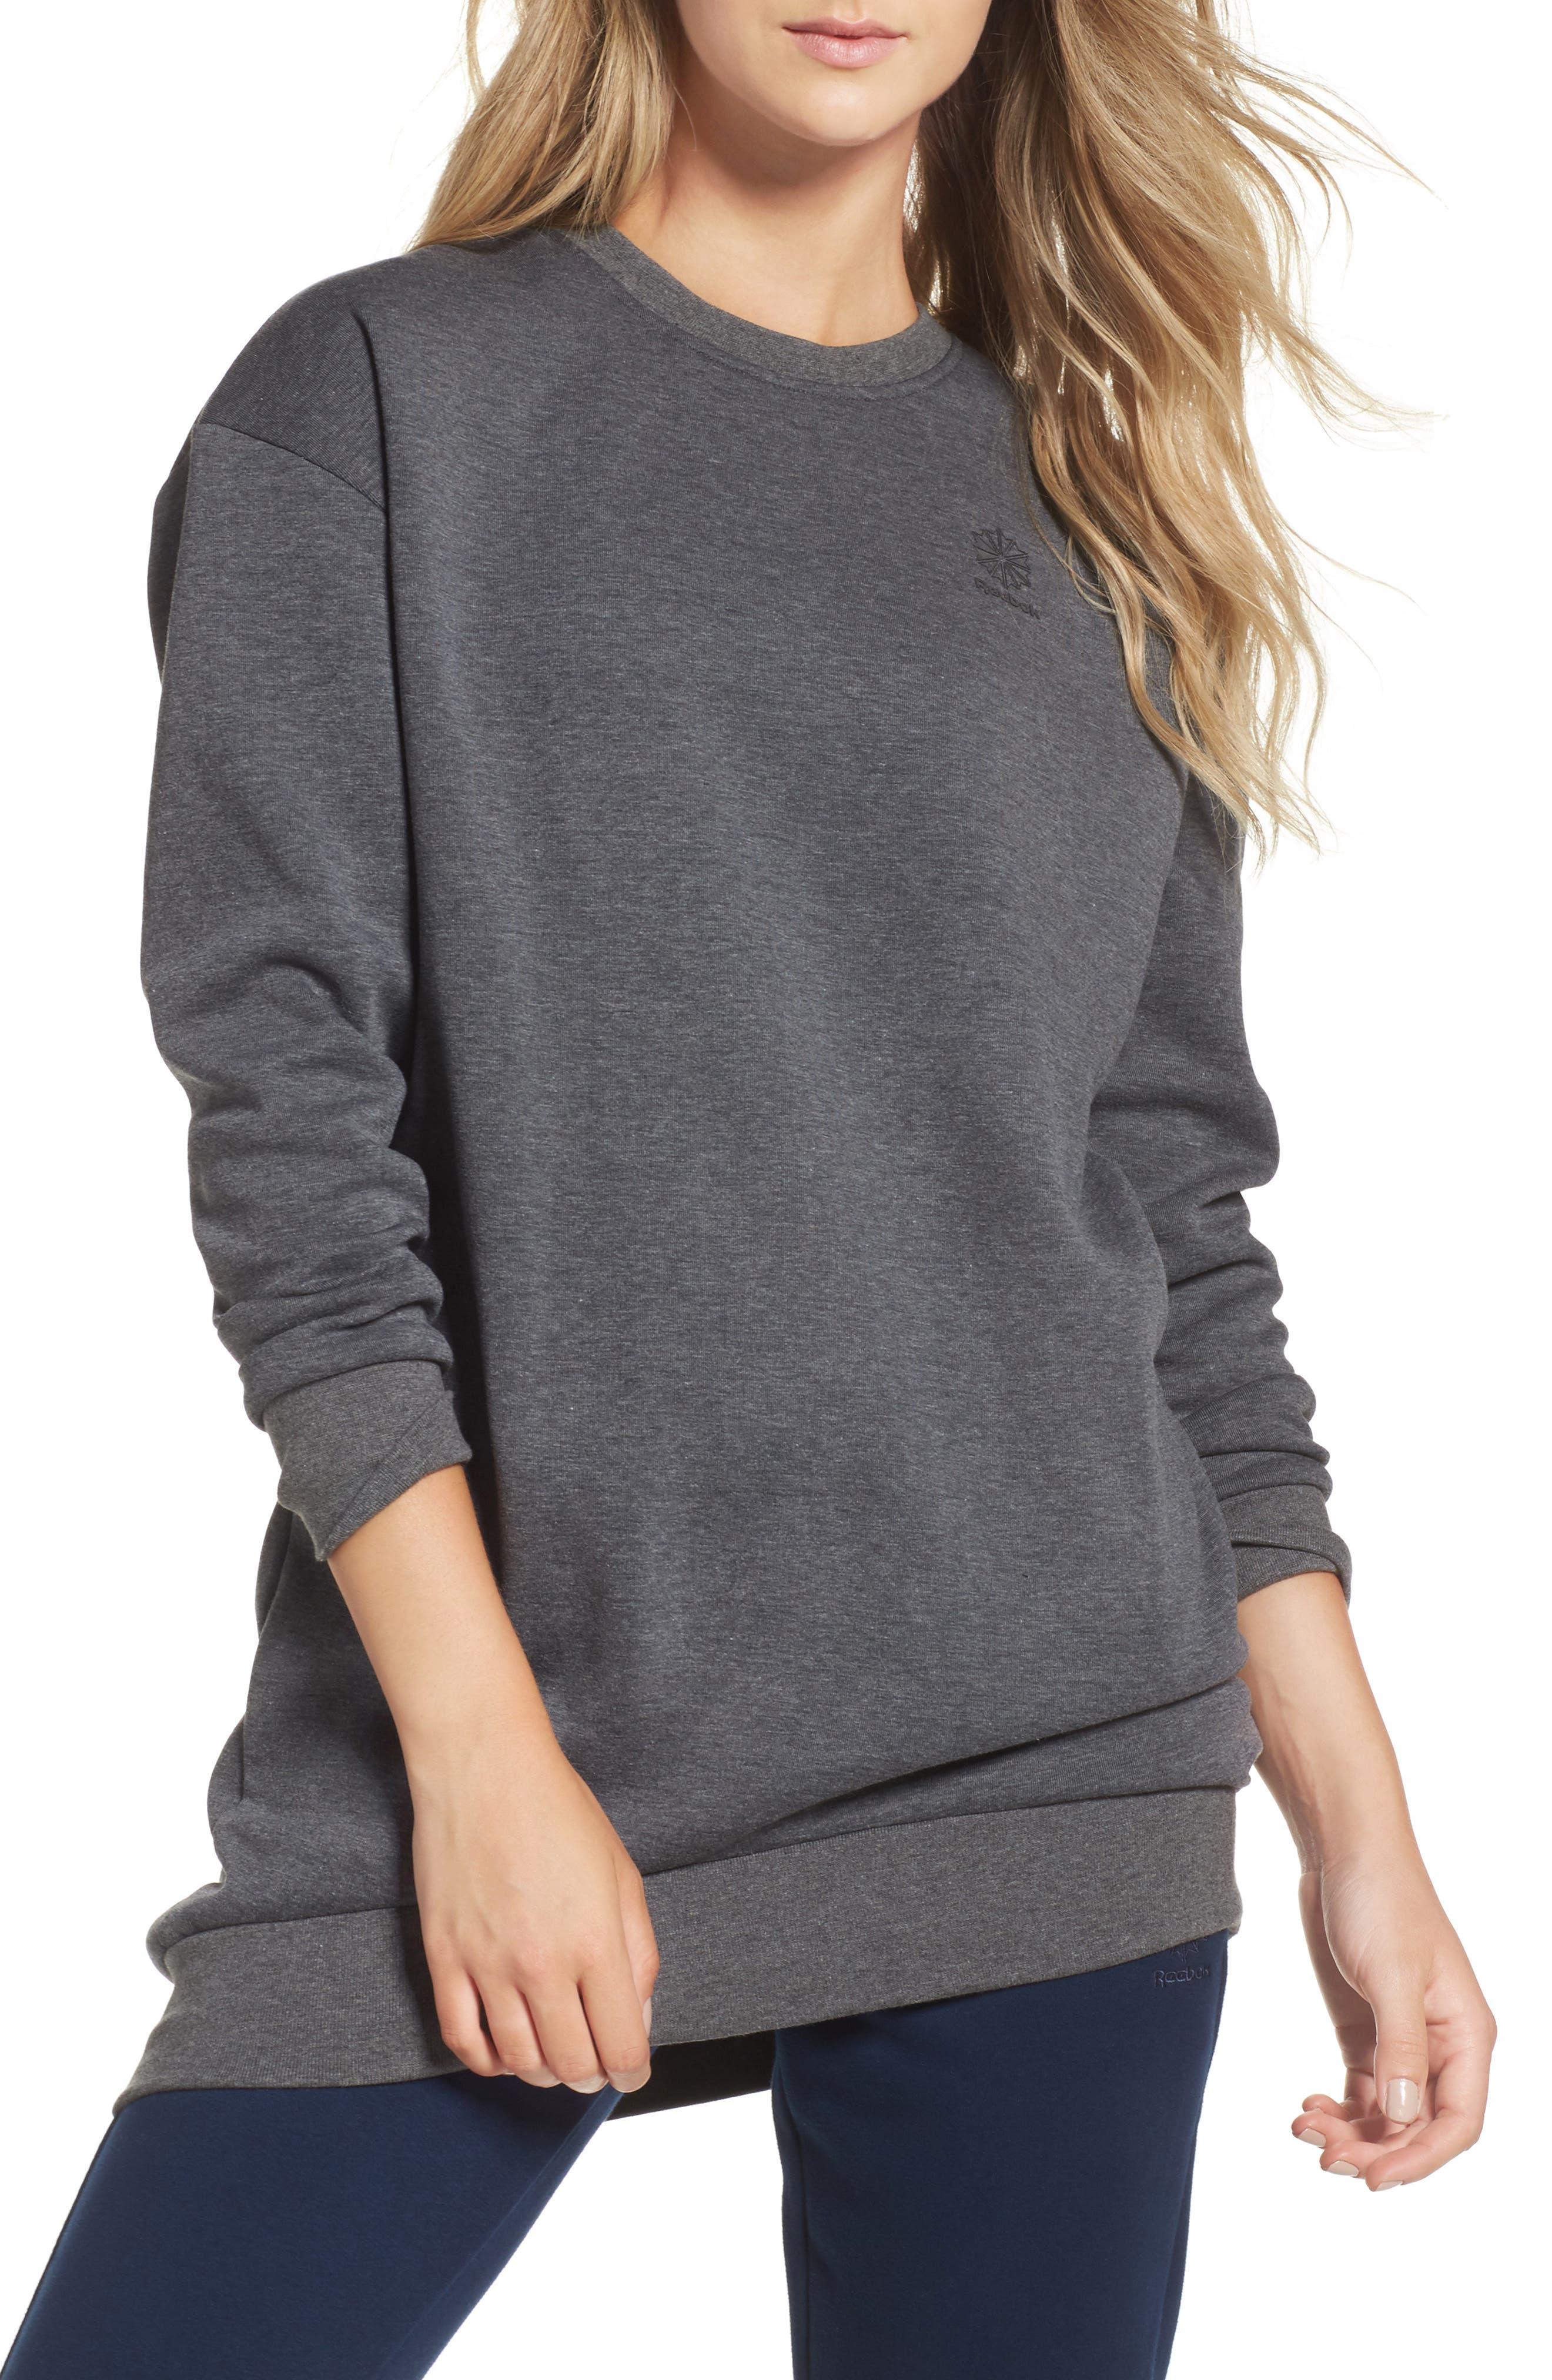 Oversize Sweatshirt,                         Main,                         color, Dark Grey Heather